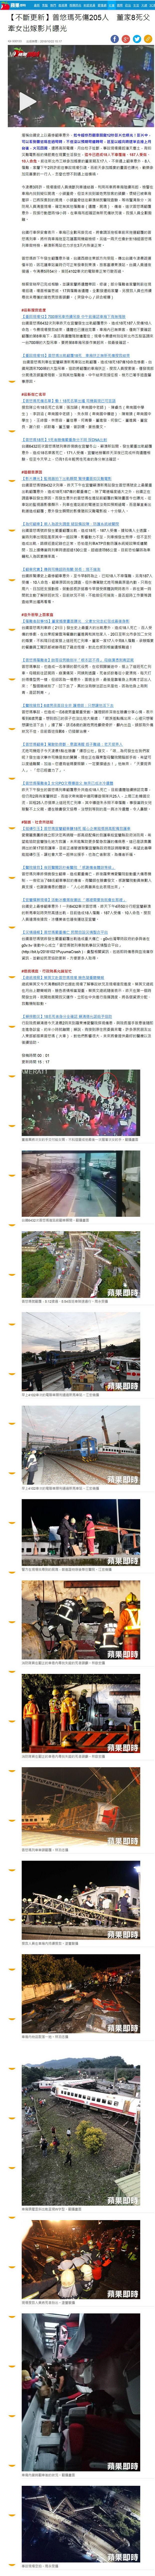 普悠瑪死傷205人 董家8死父牽女出嫁影片曝光-2018.10.22.jpg